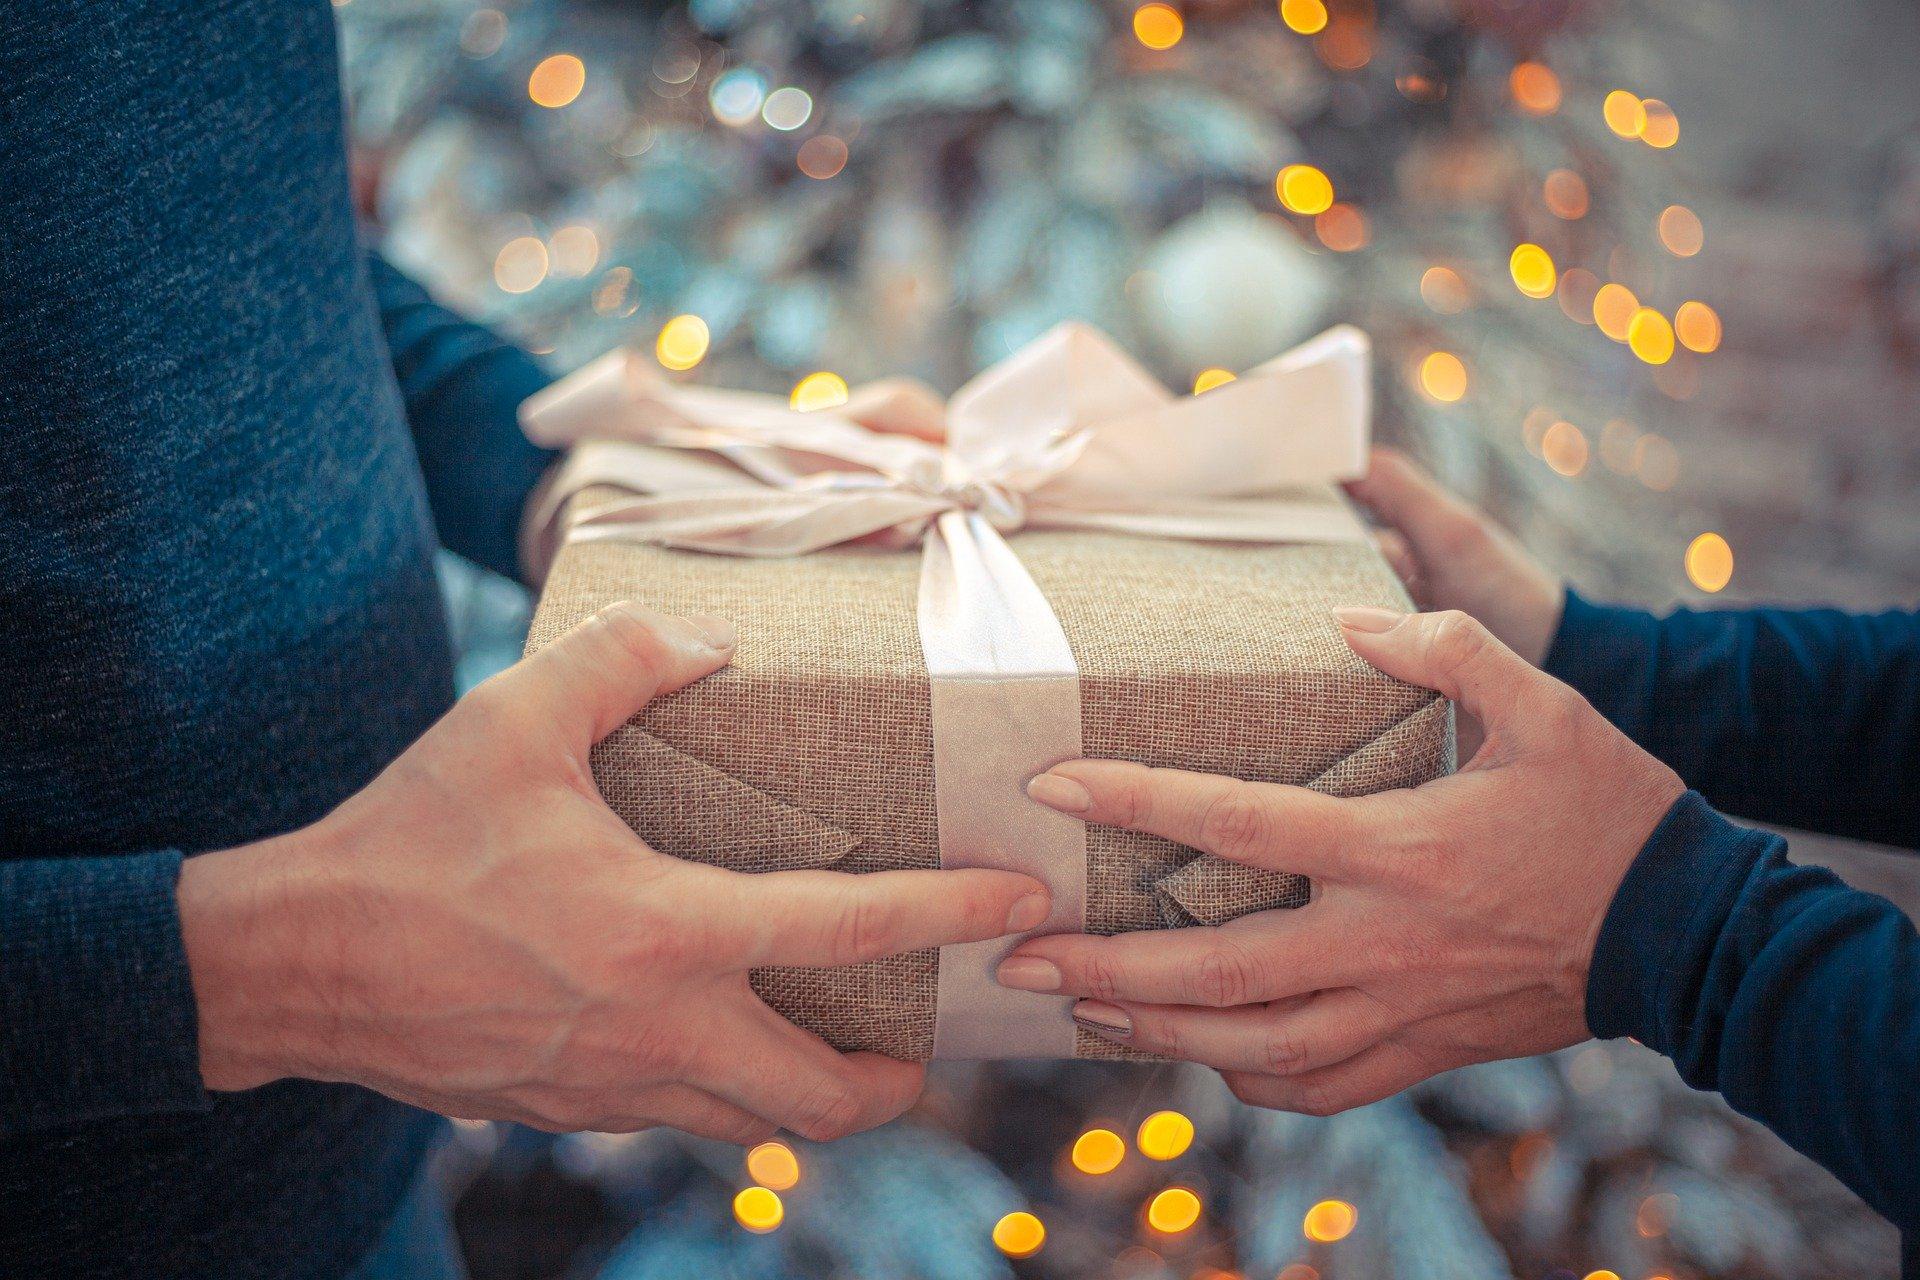 cadou de Craciun impachetat, cu mainile unui cuplu pe el